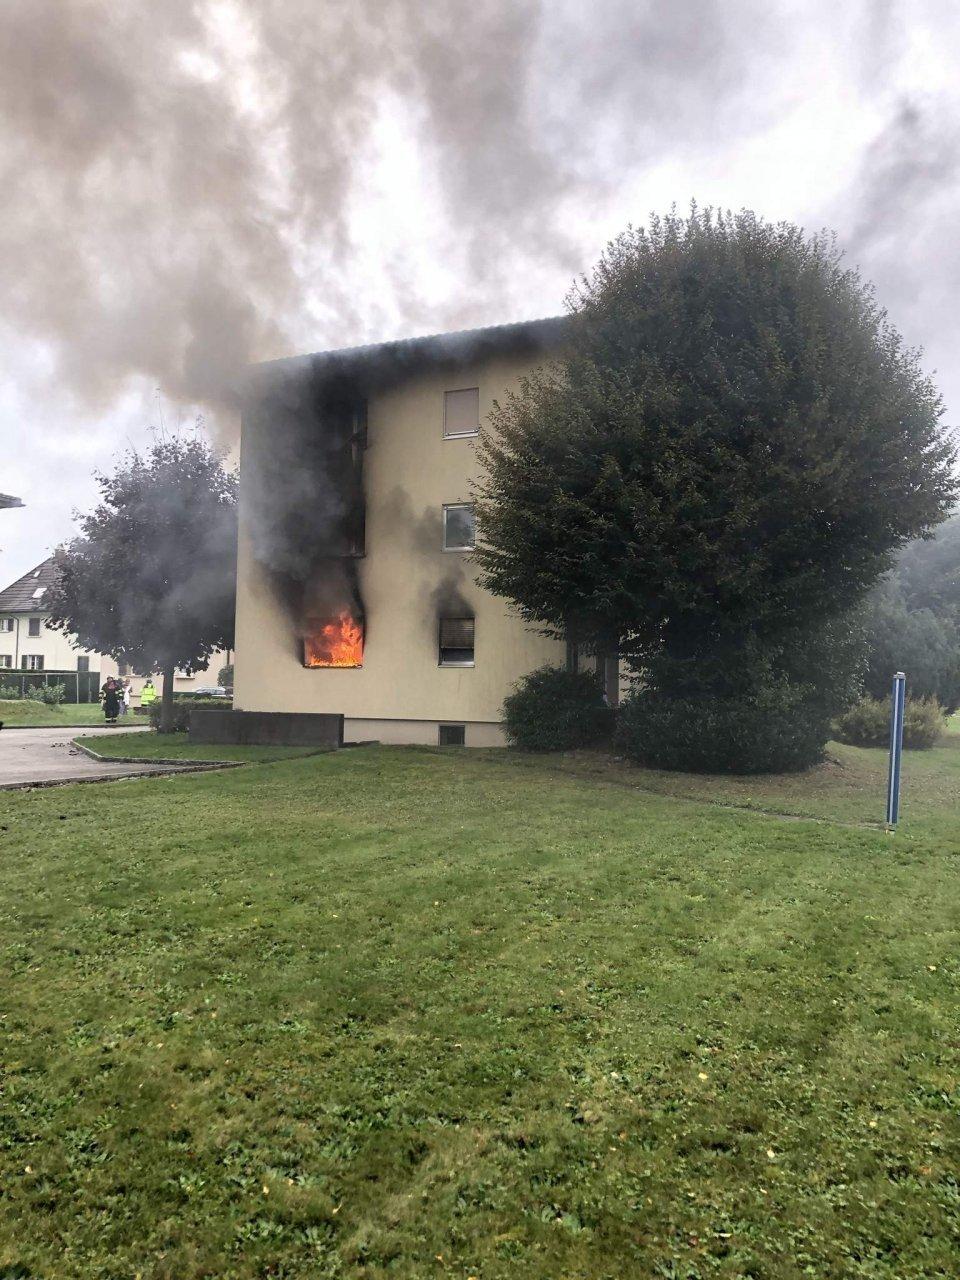 edificio-in-fiamme,-quattro-persone-all'ospedale